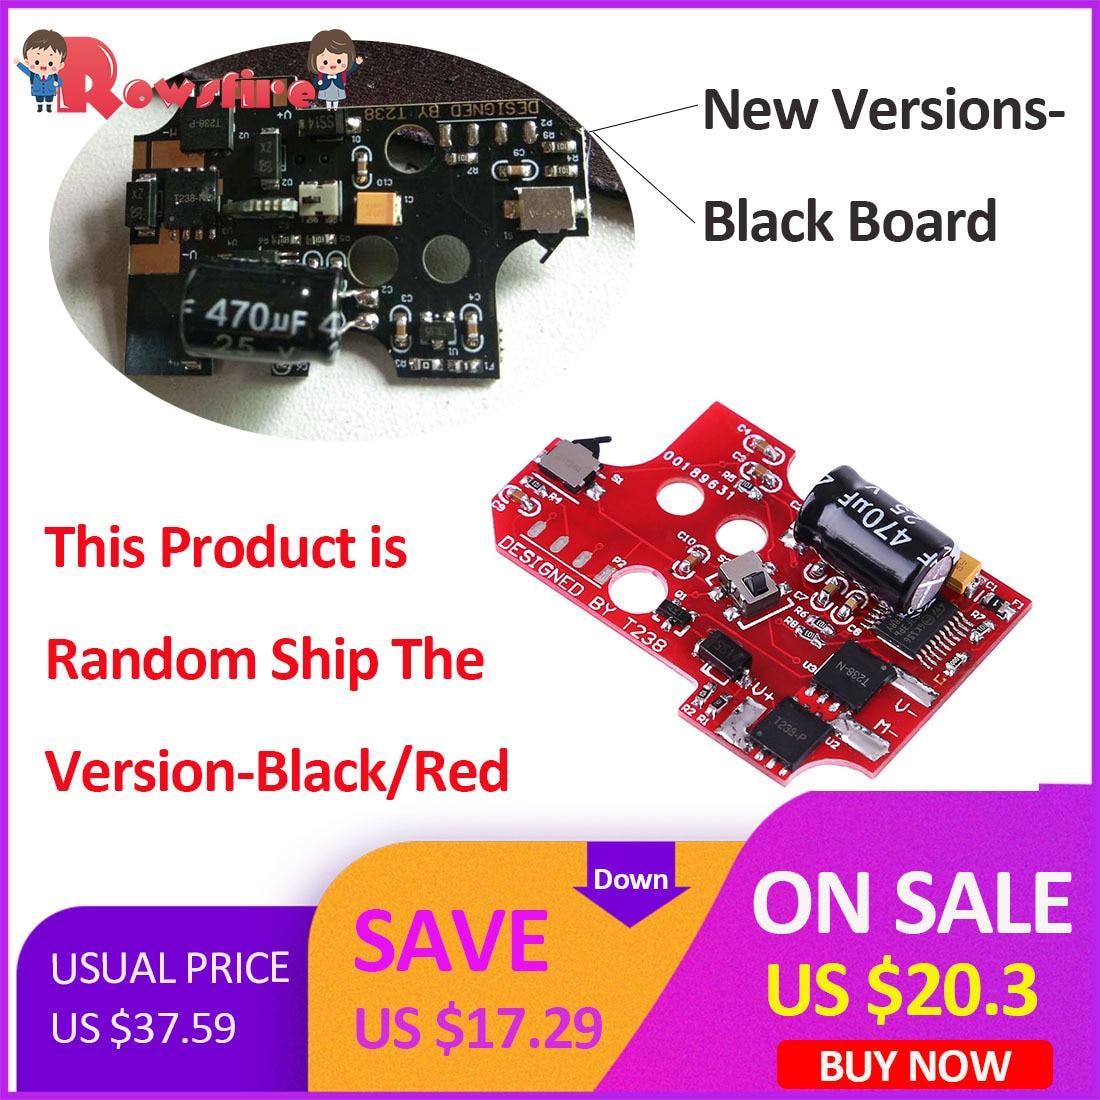 T238 Electronic Fire Control FET Electronic Switch Release For XWE M4/JM Gen.9 /FB 1.0-3.0 /Kublai M4 /Jingji SLR /Jiqu Gearbox